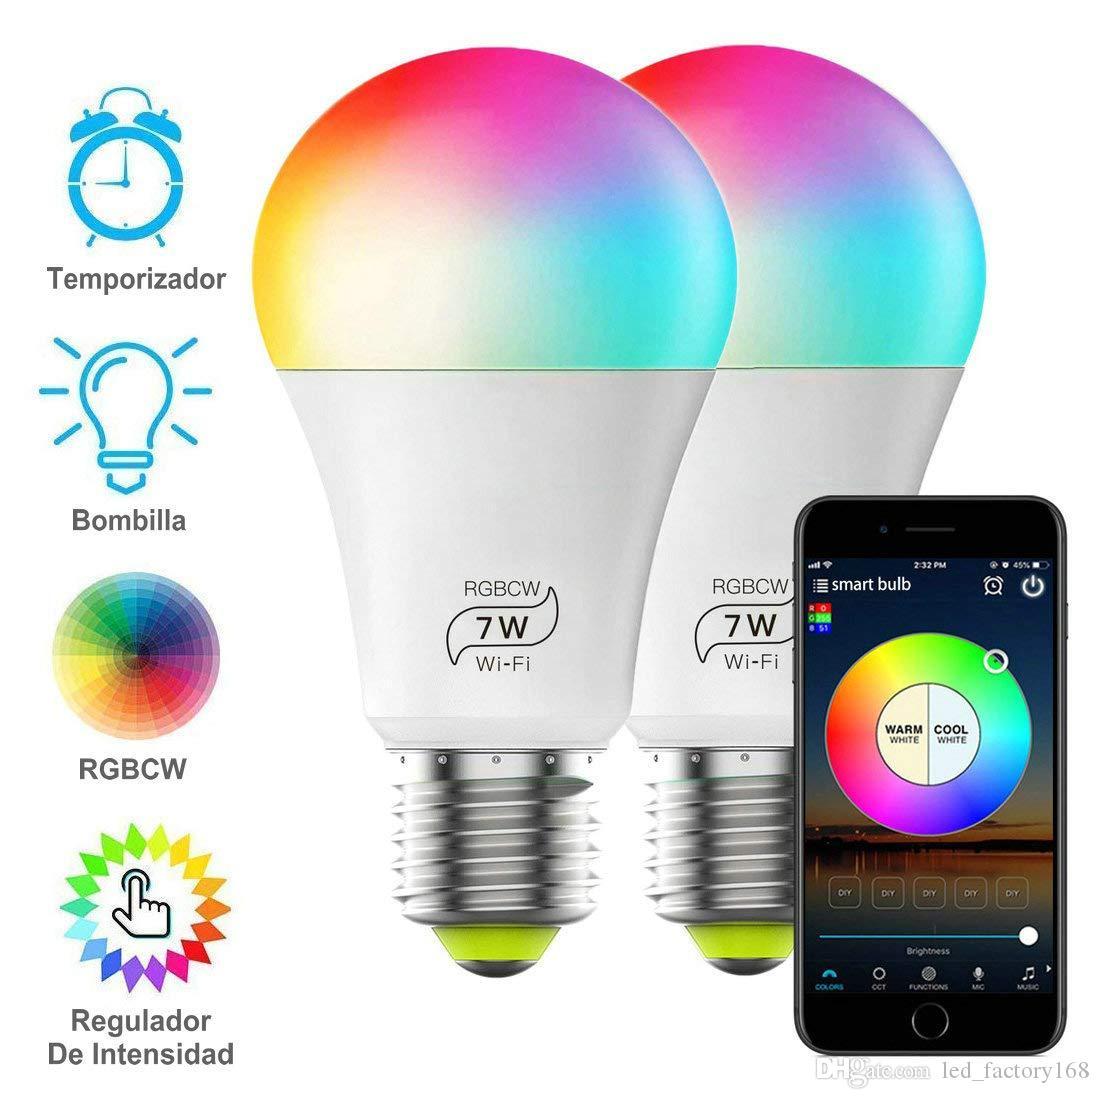 Smart LED Ampoule RGBCW Wi-Fi Inteligente lumière 7W 600lm multicolore Dimmable App contrôlée Disco Party change de couleur Ampoule 2700K-6500K